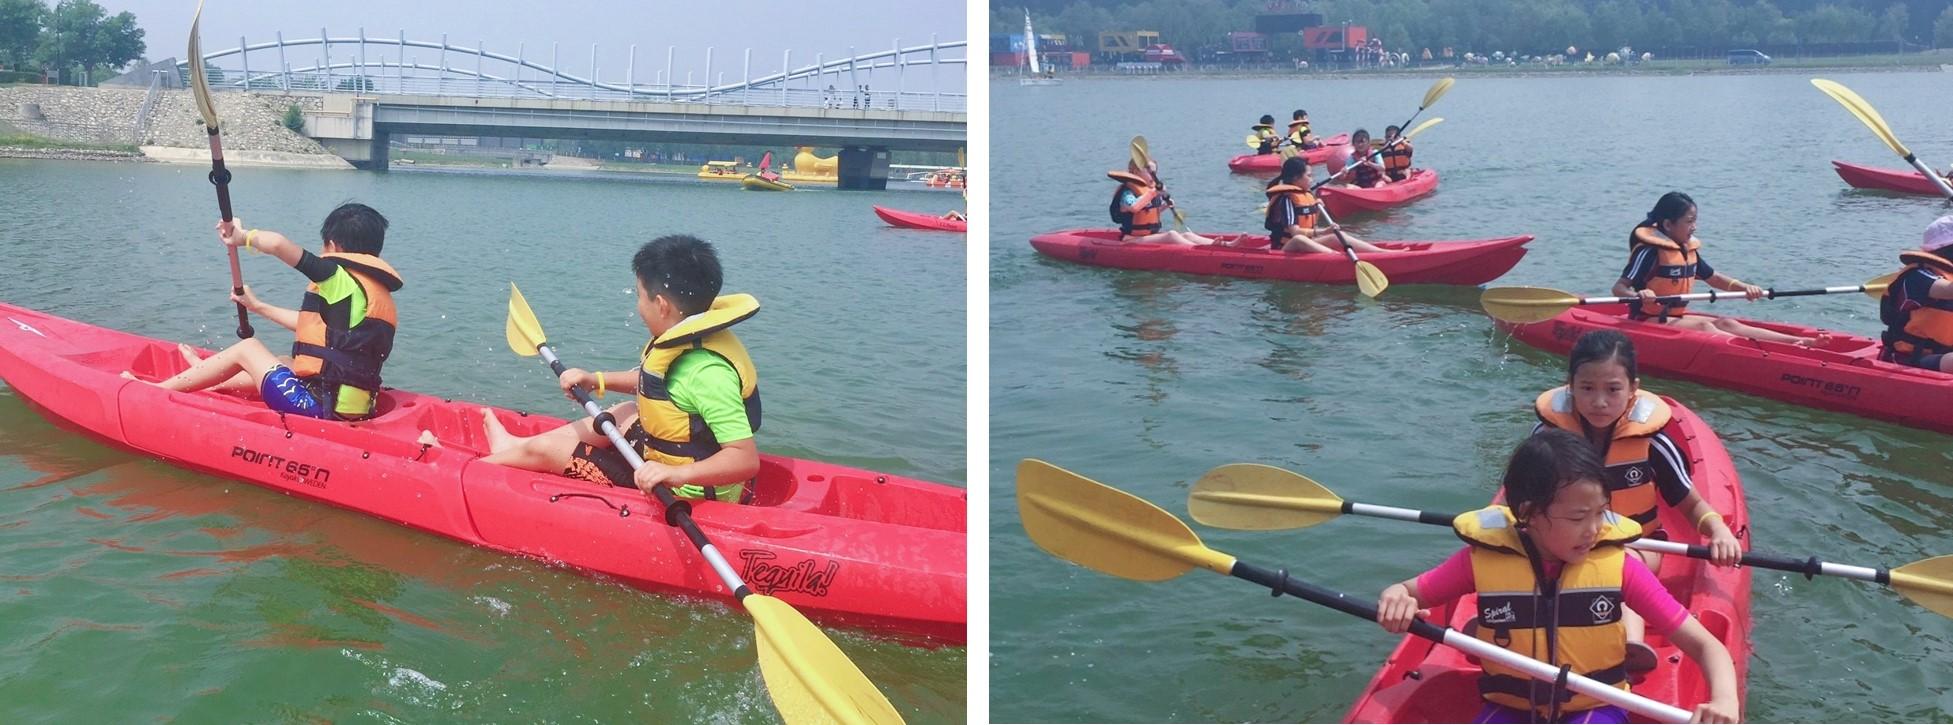 2019 DCB Year 4 Residential - Kayaking